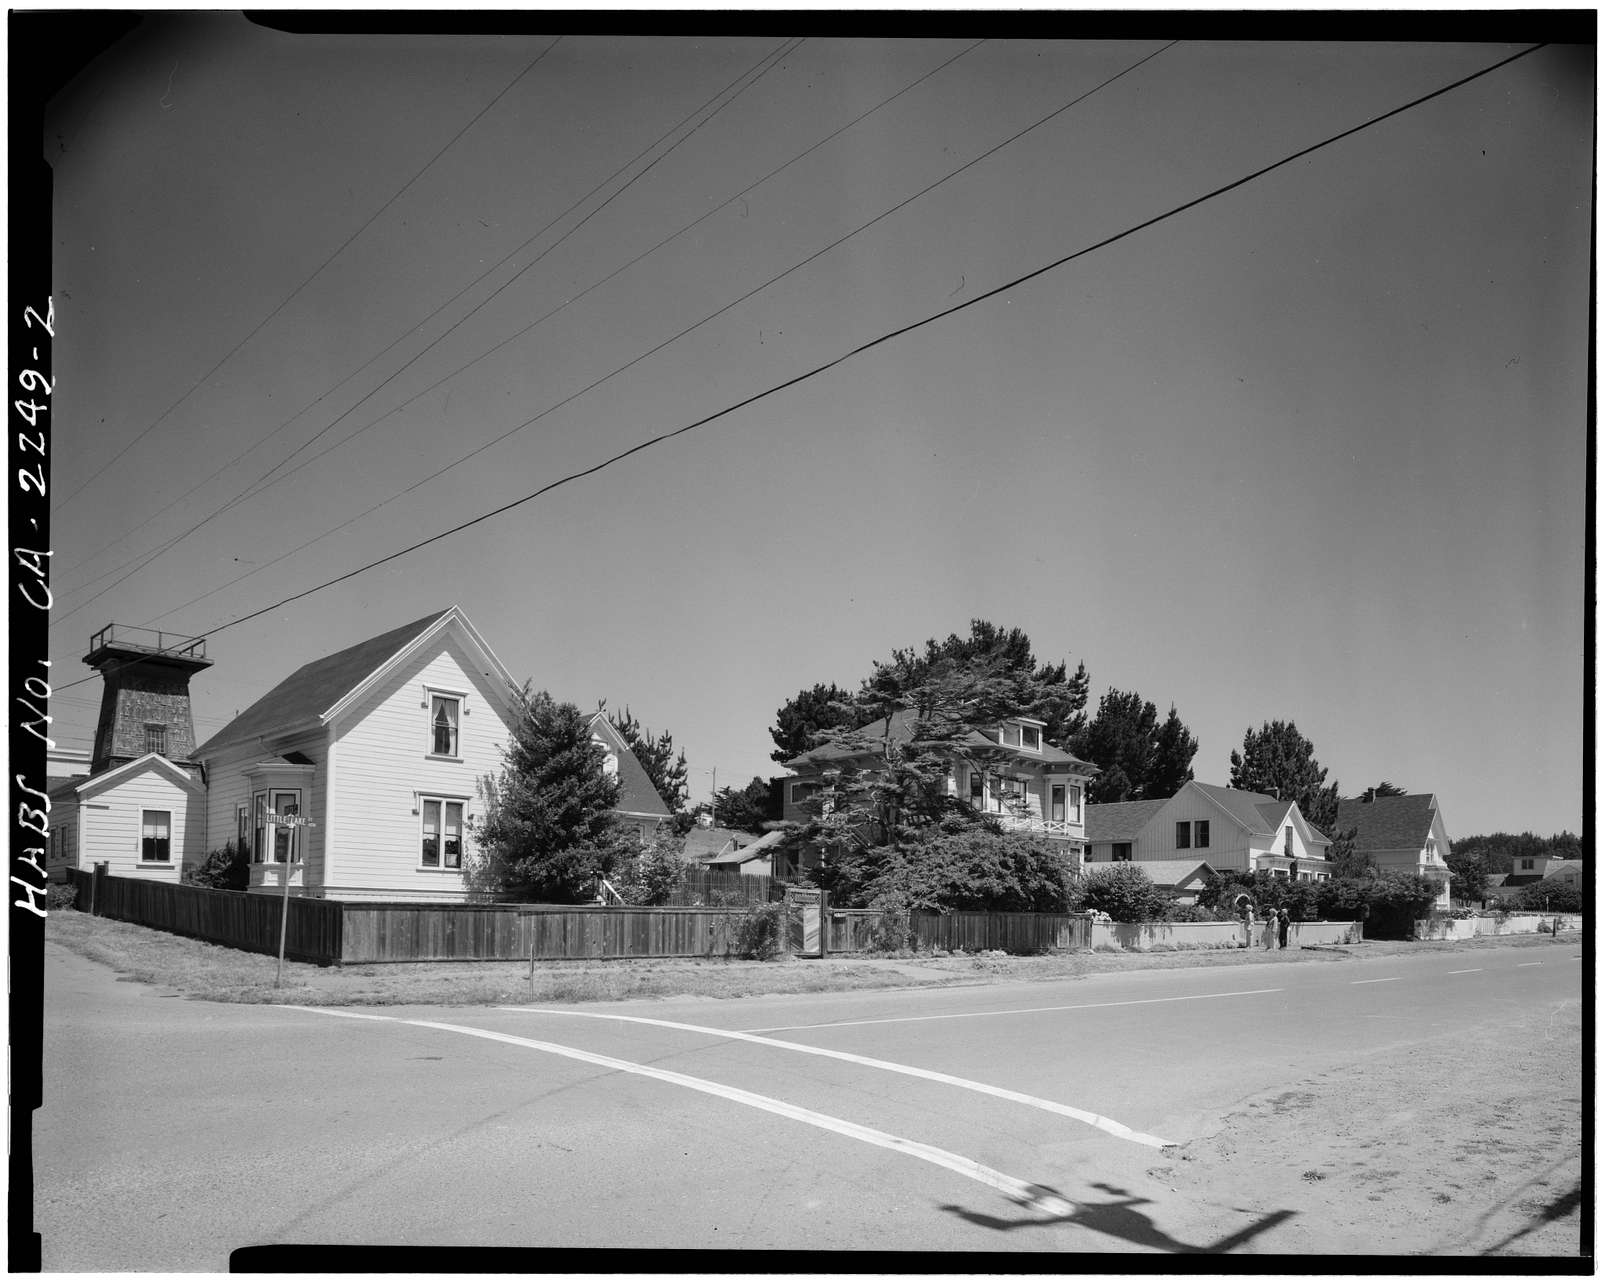 Town of Mendocino, Mendocino, Mendocino County, CA